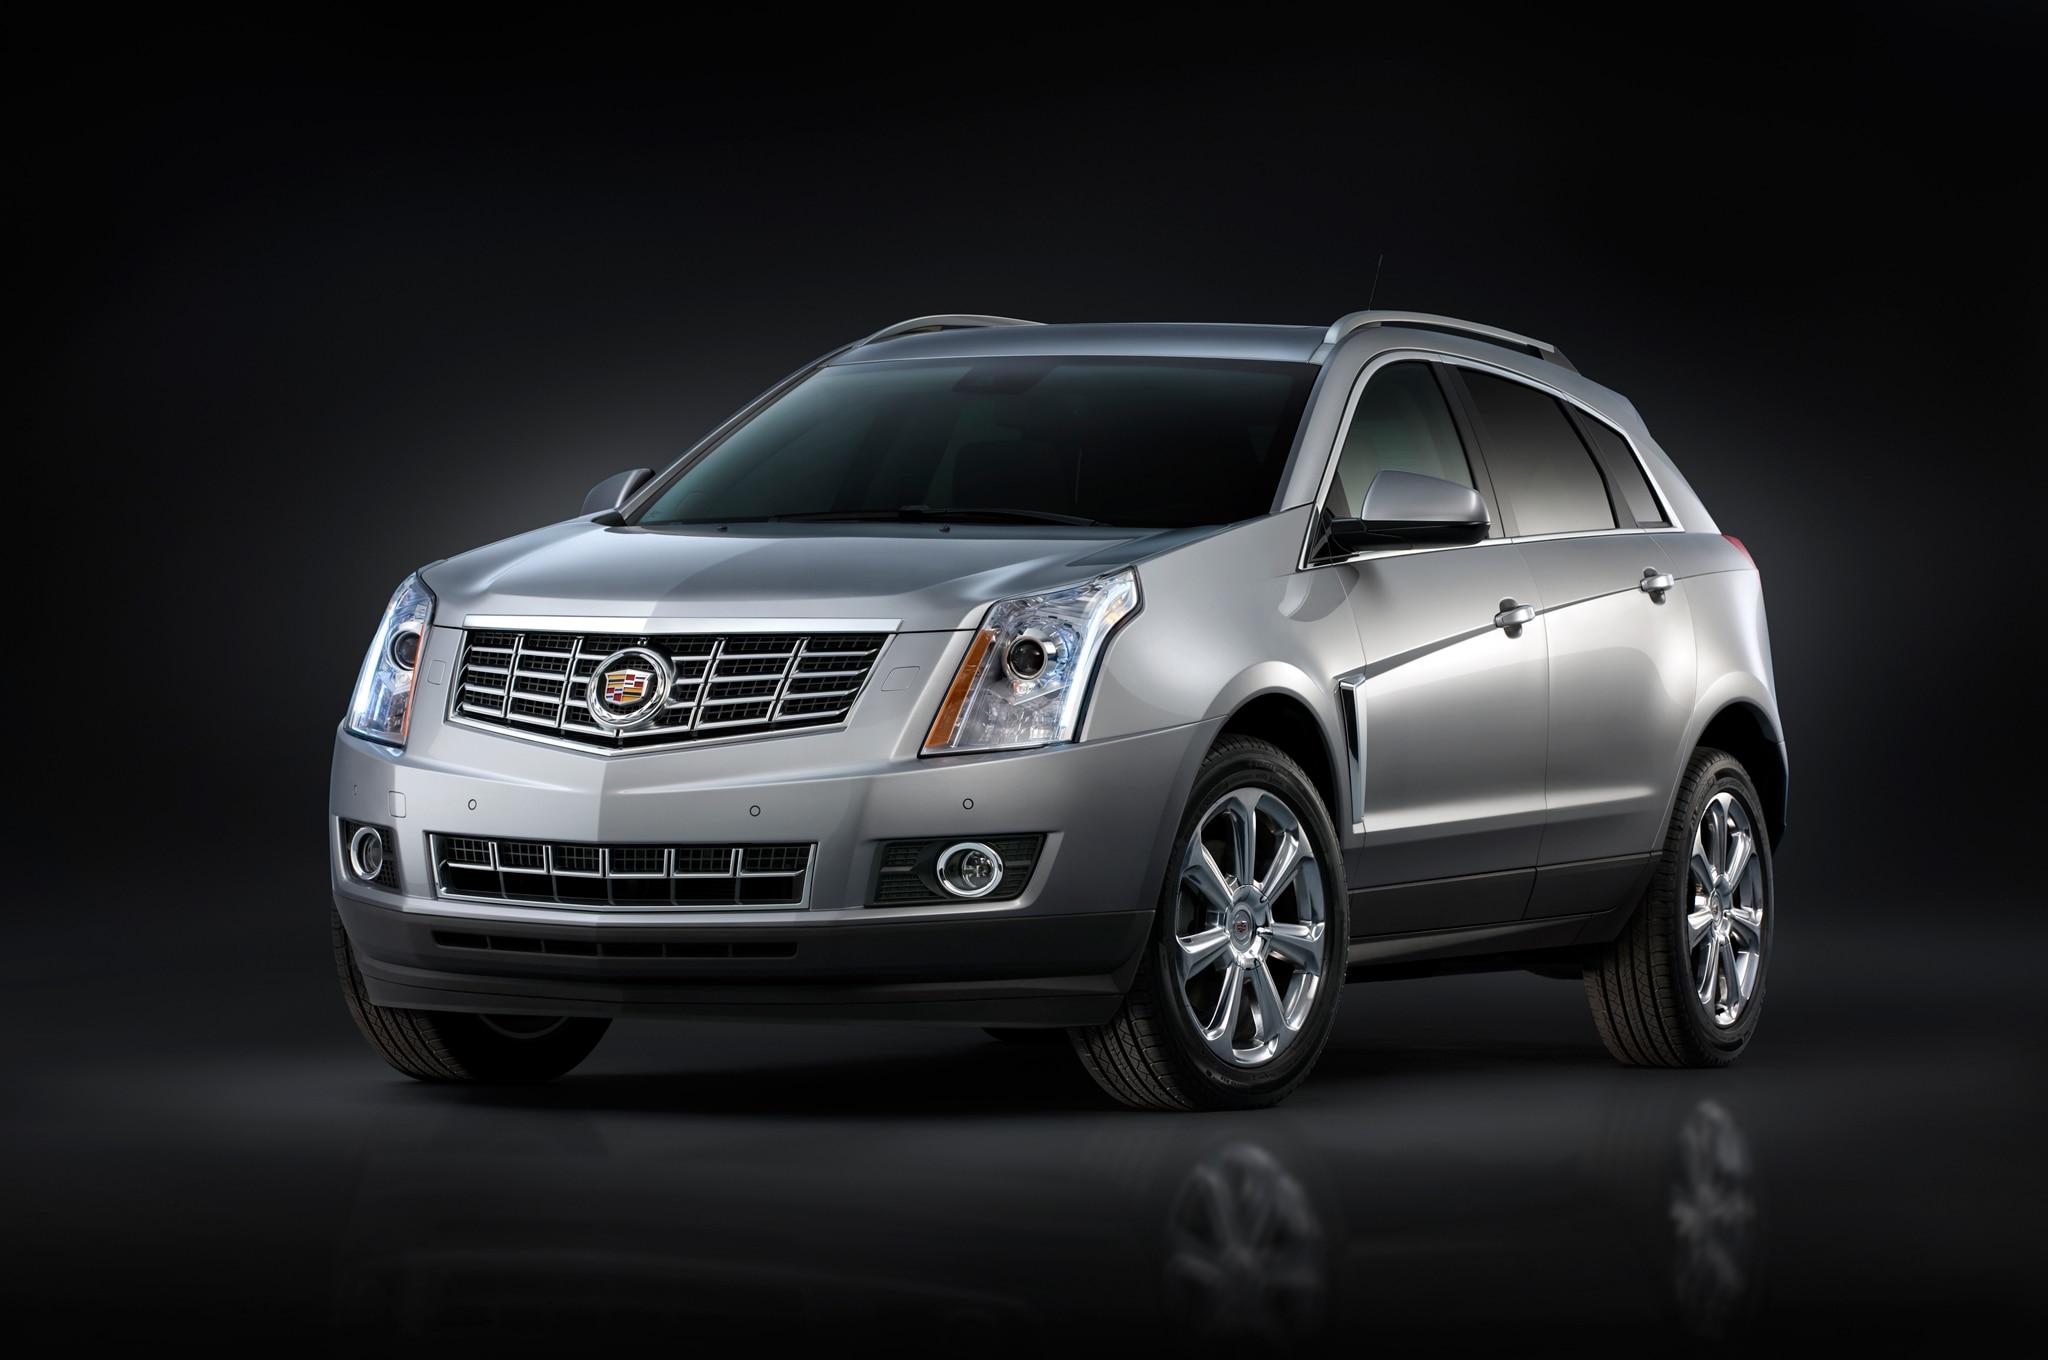 2015 Cadillac SRX Front Three Quarter1